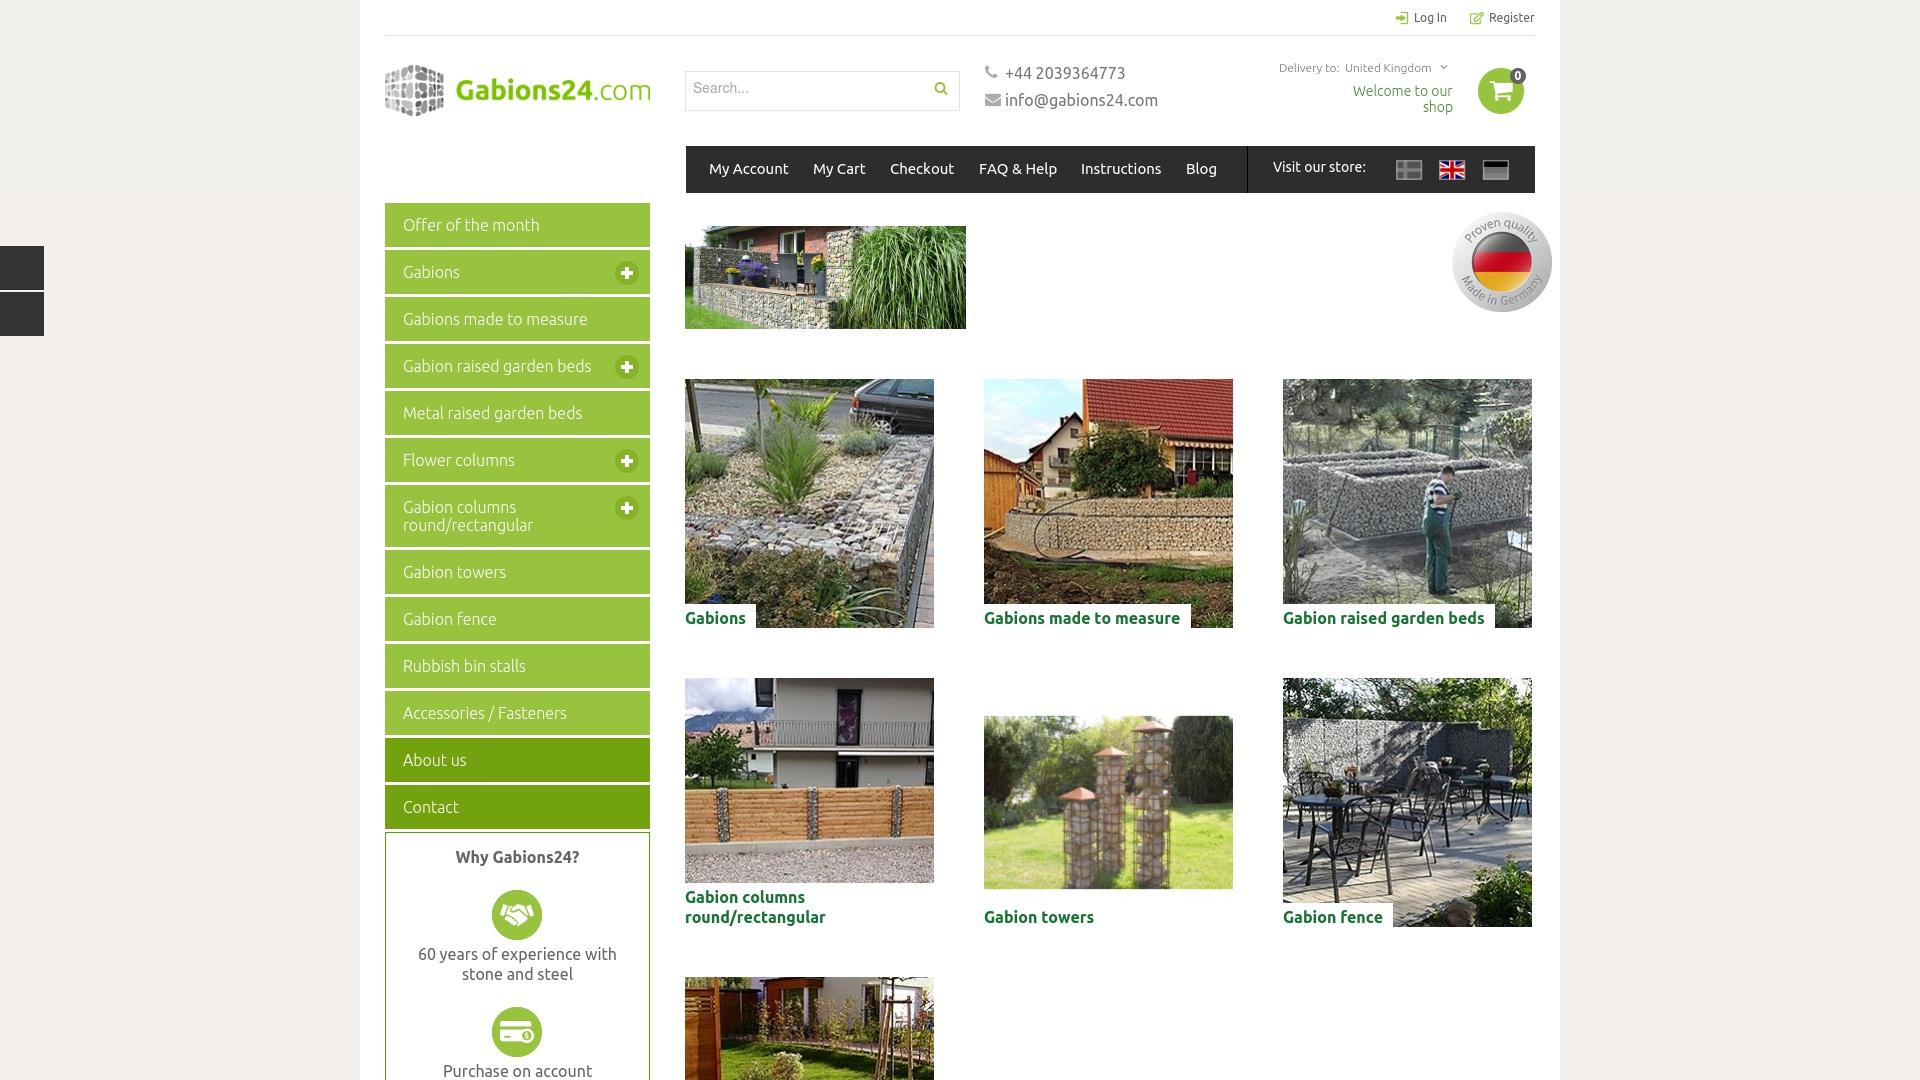 Geld zurück bei Gabions24: Jetzt im Juni 2021 Cashback für Gabions24 sichern